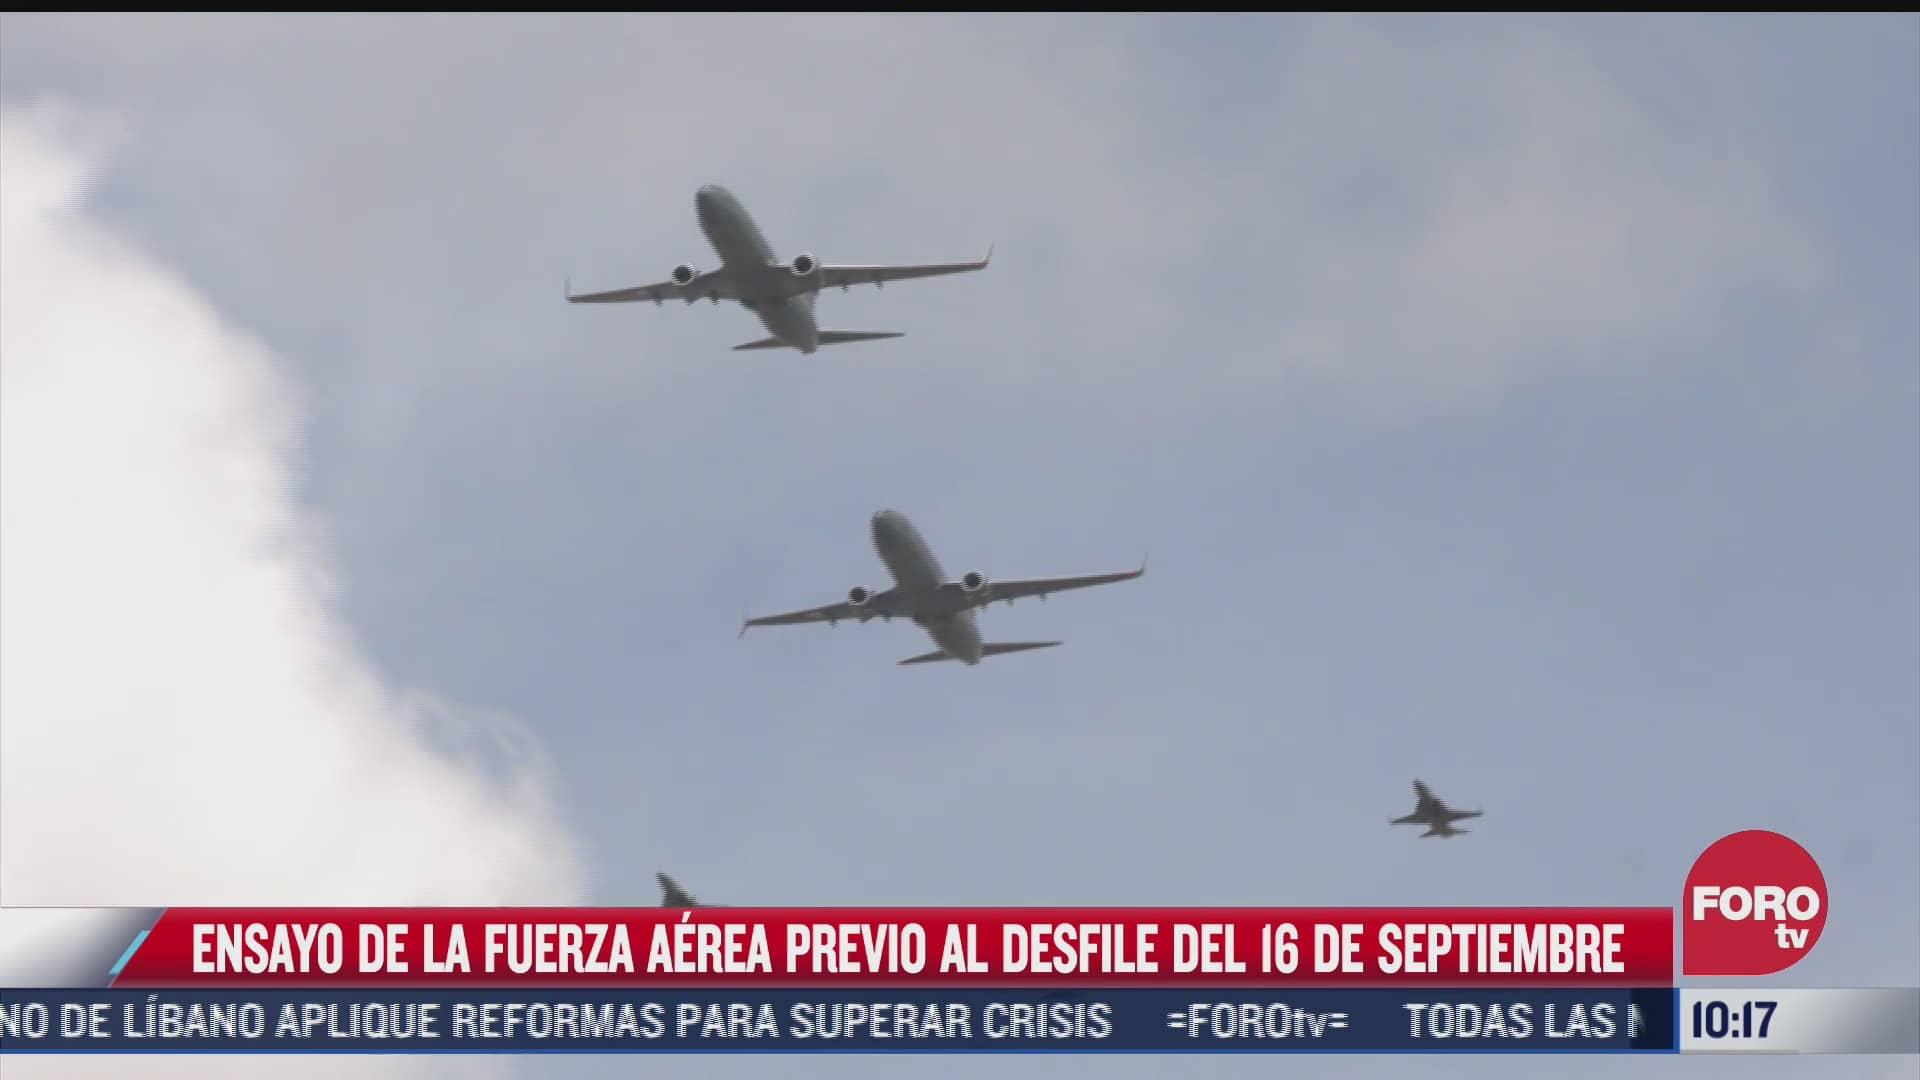 ensayo de la fuerza aerea previo al desfile militar